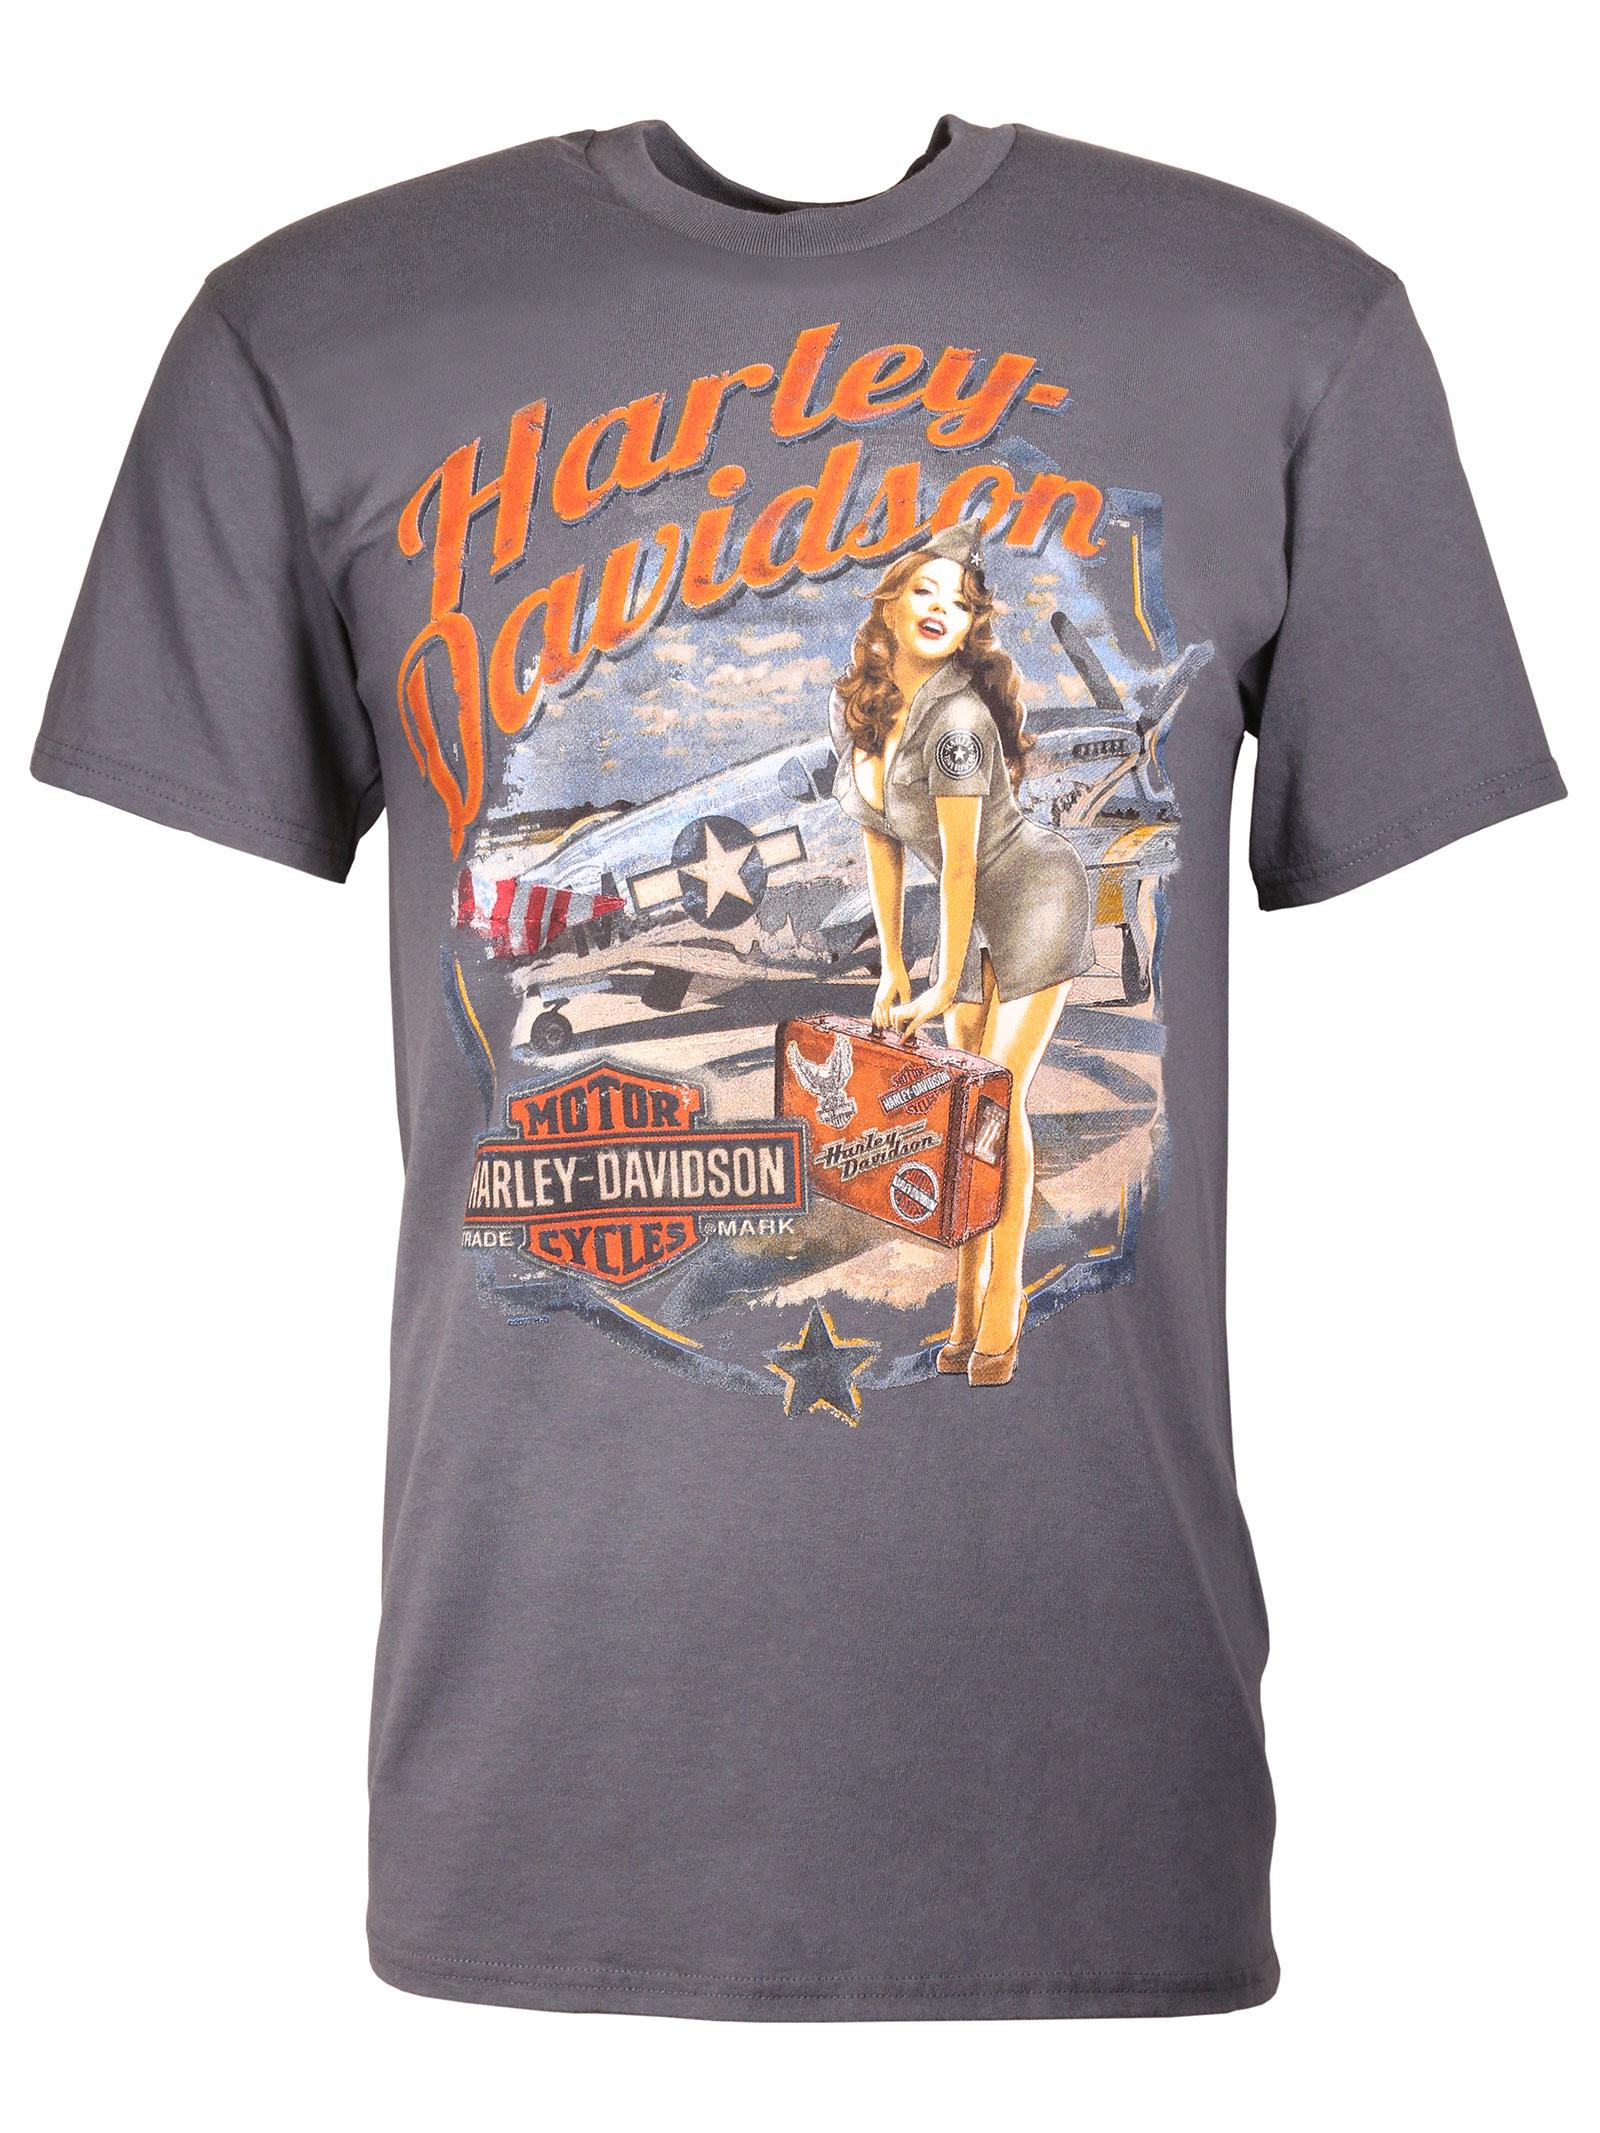 harley davidson t shirt indestructible legend at. Black Bedroom Furniture Sets. Home Design Ideas